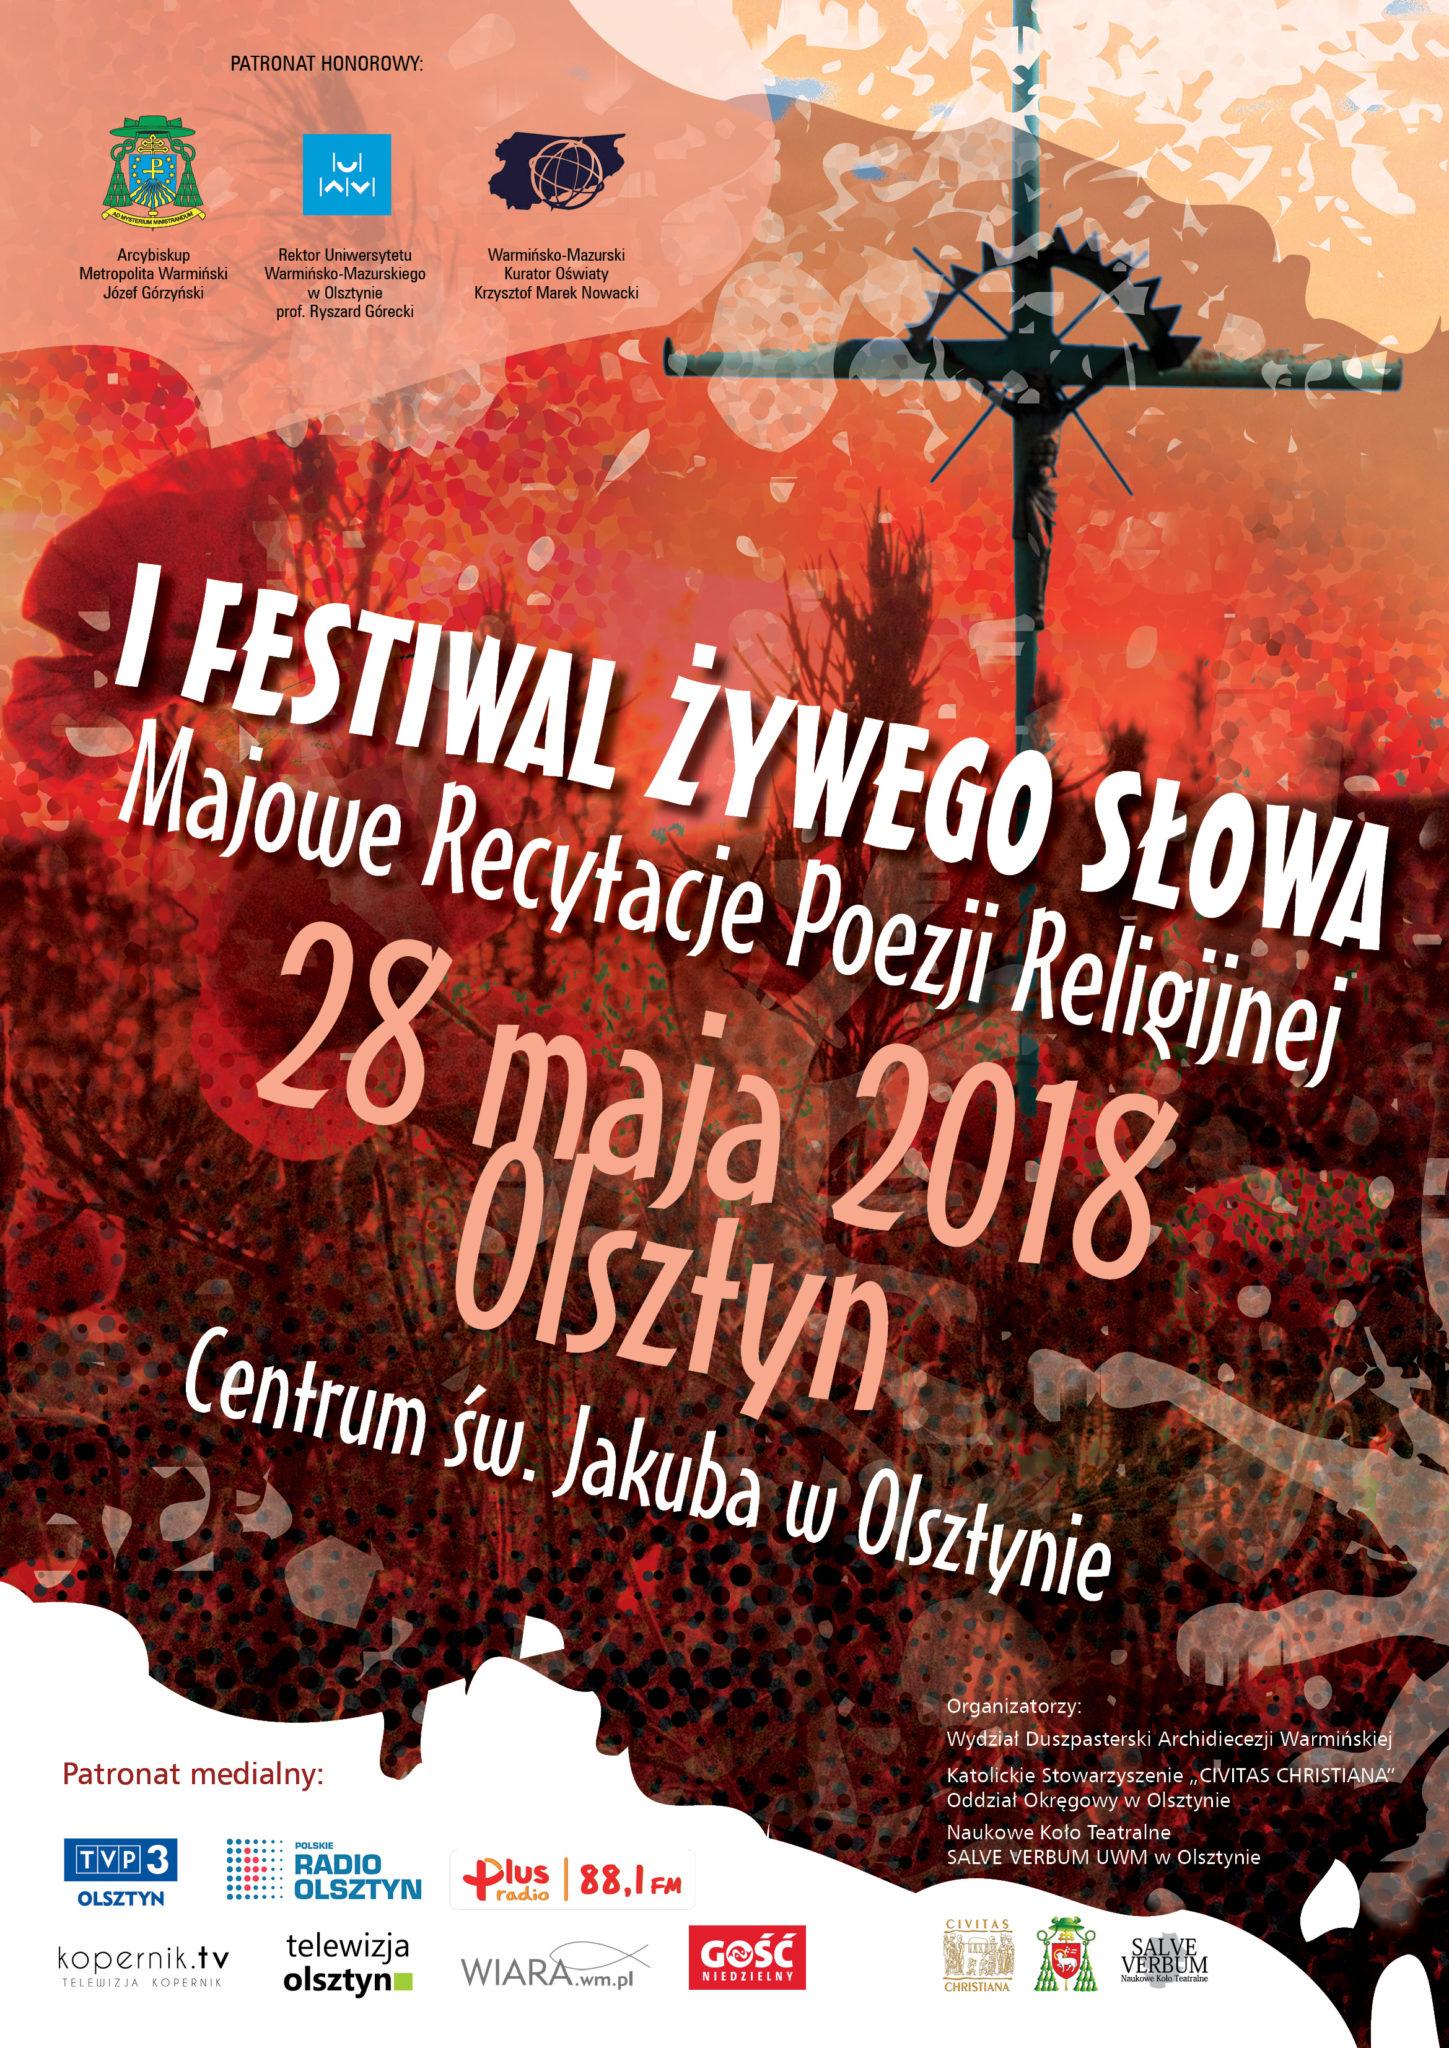 I Festiwal żywego Słowa Majowe Recytacje Poezji Religijnej